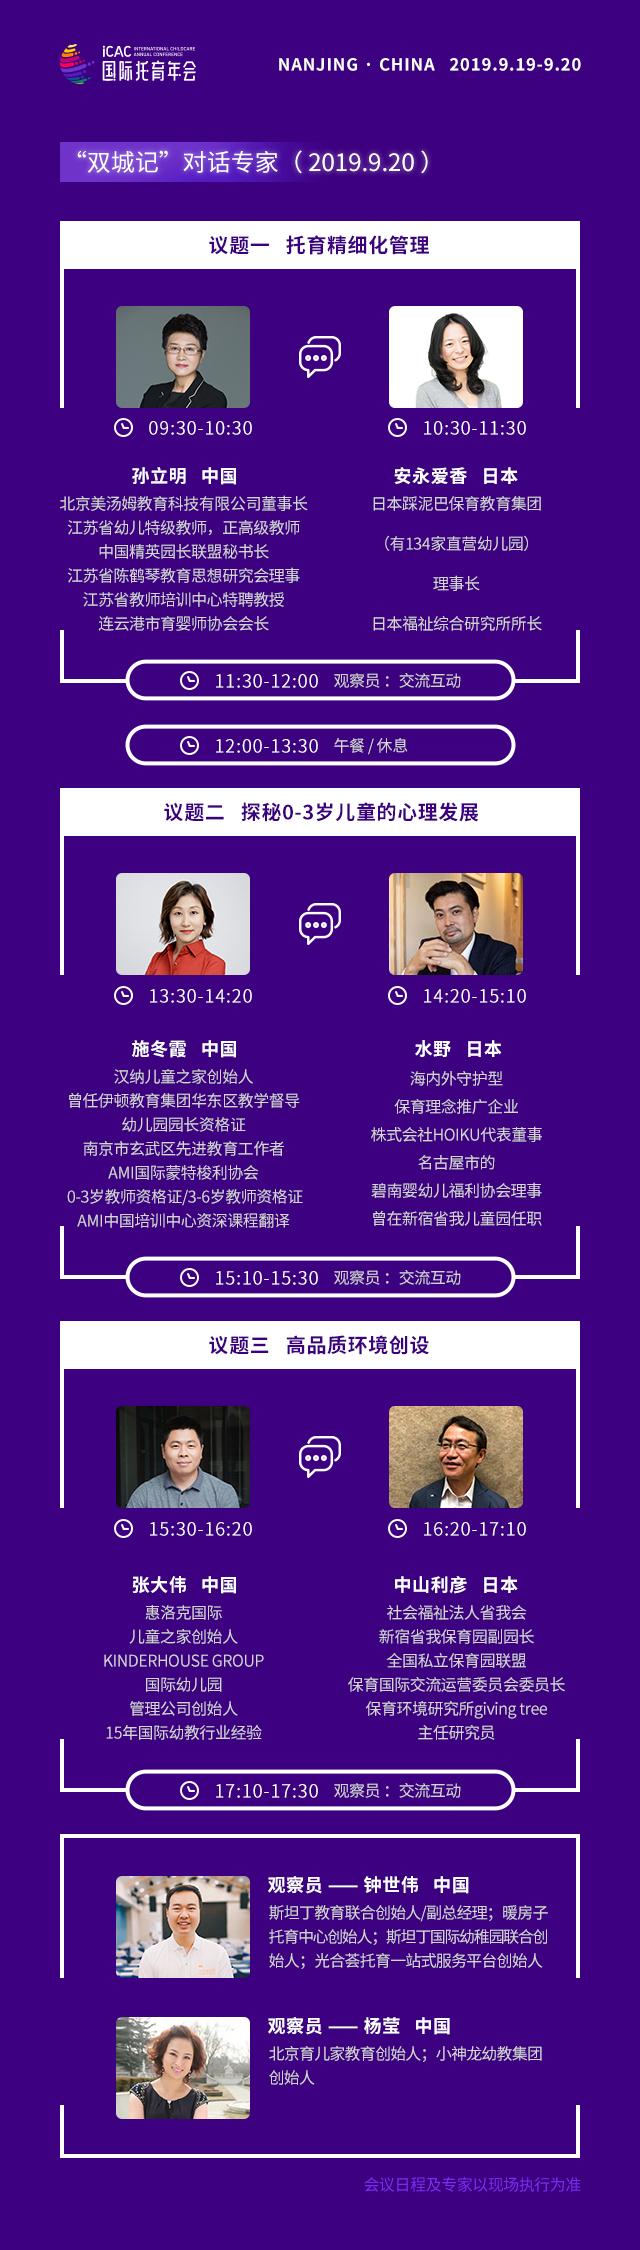 2019iCAC国际托育年会城市论坛·中国南京